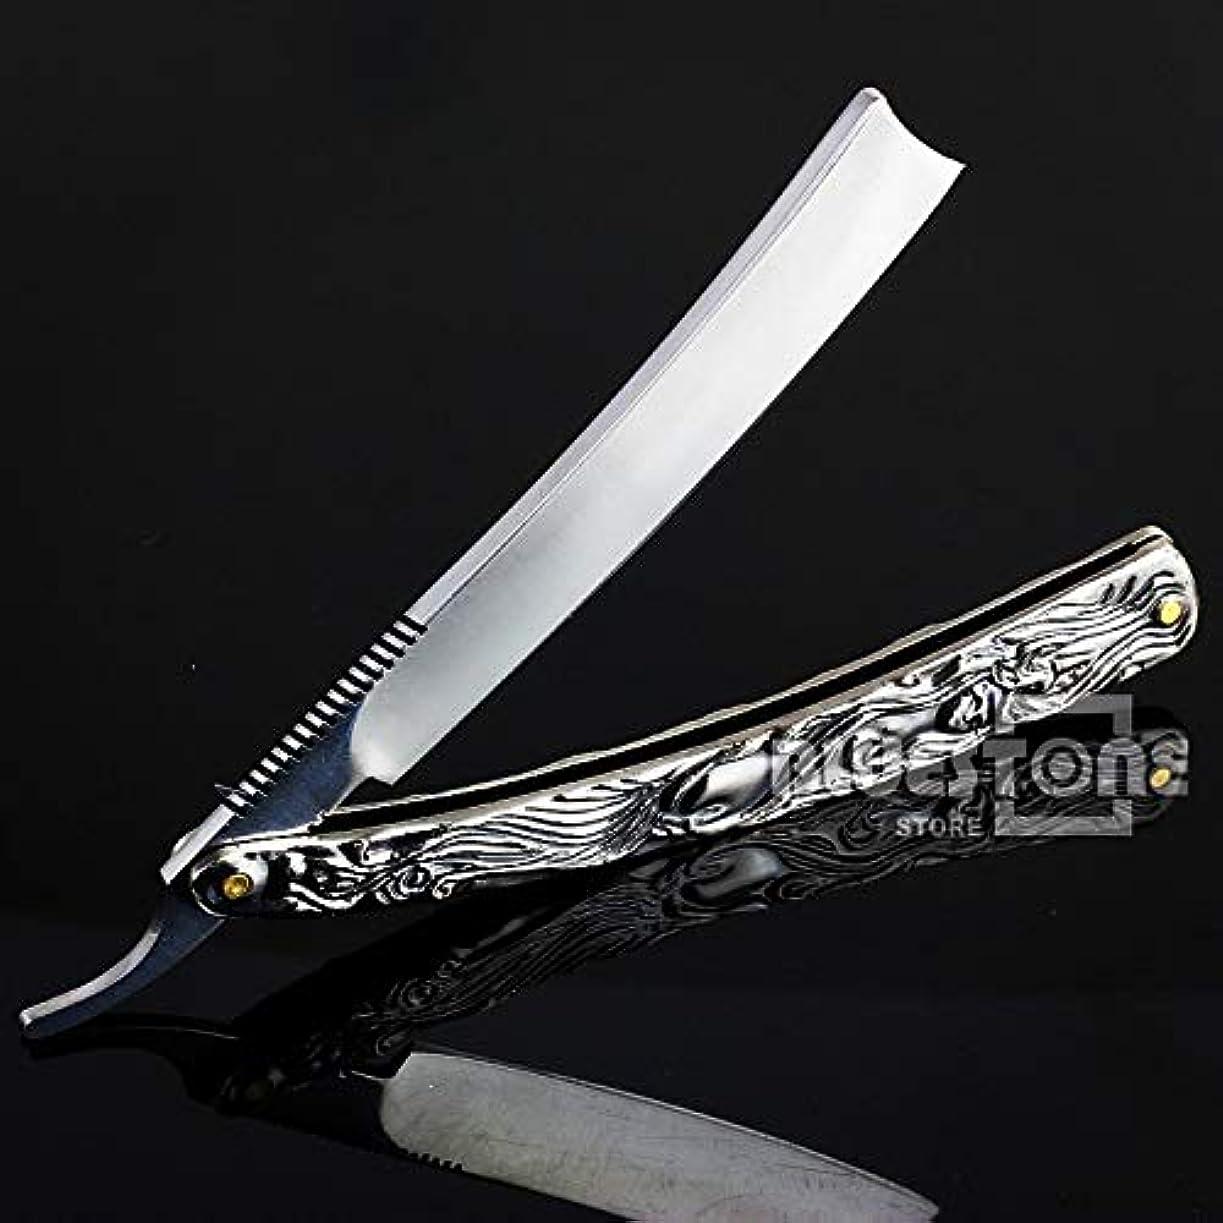 申込みダイジェスト水Klaxiaz - 高品質ヴィンテージアルミストレートエッジステンレススチールシェイパー理容カミソリ折りたたみシェービングナイフ